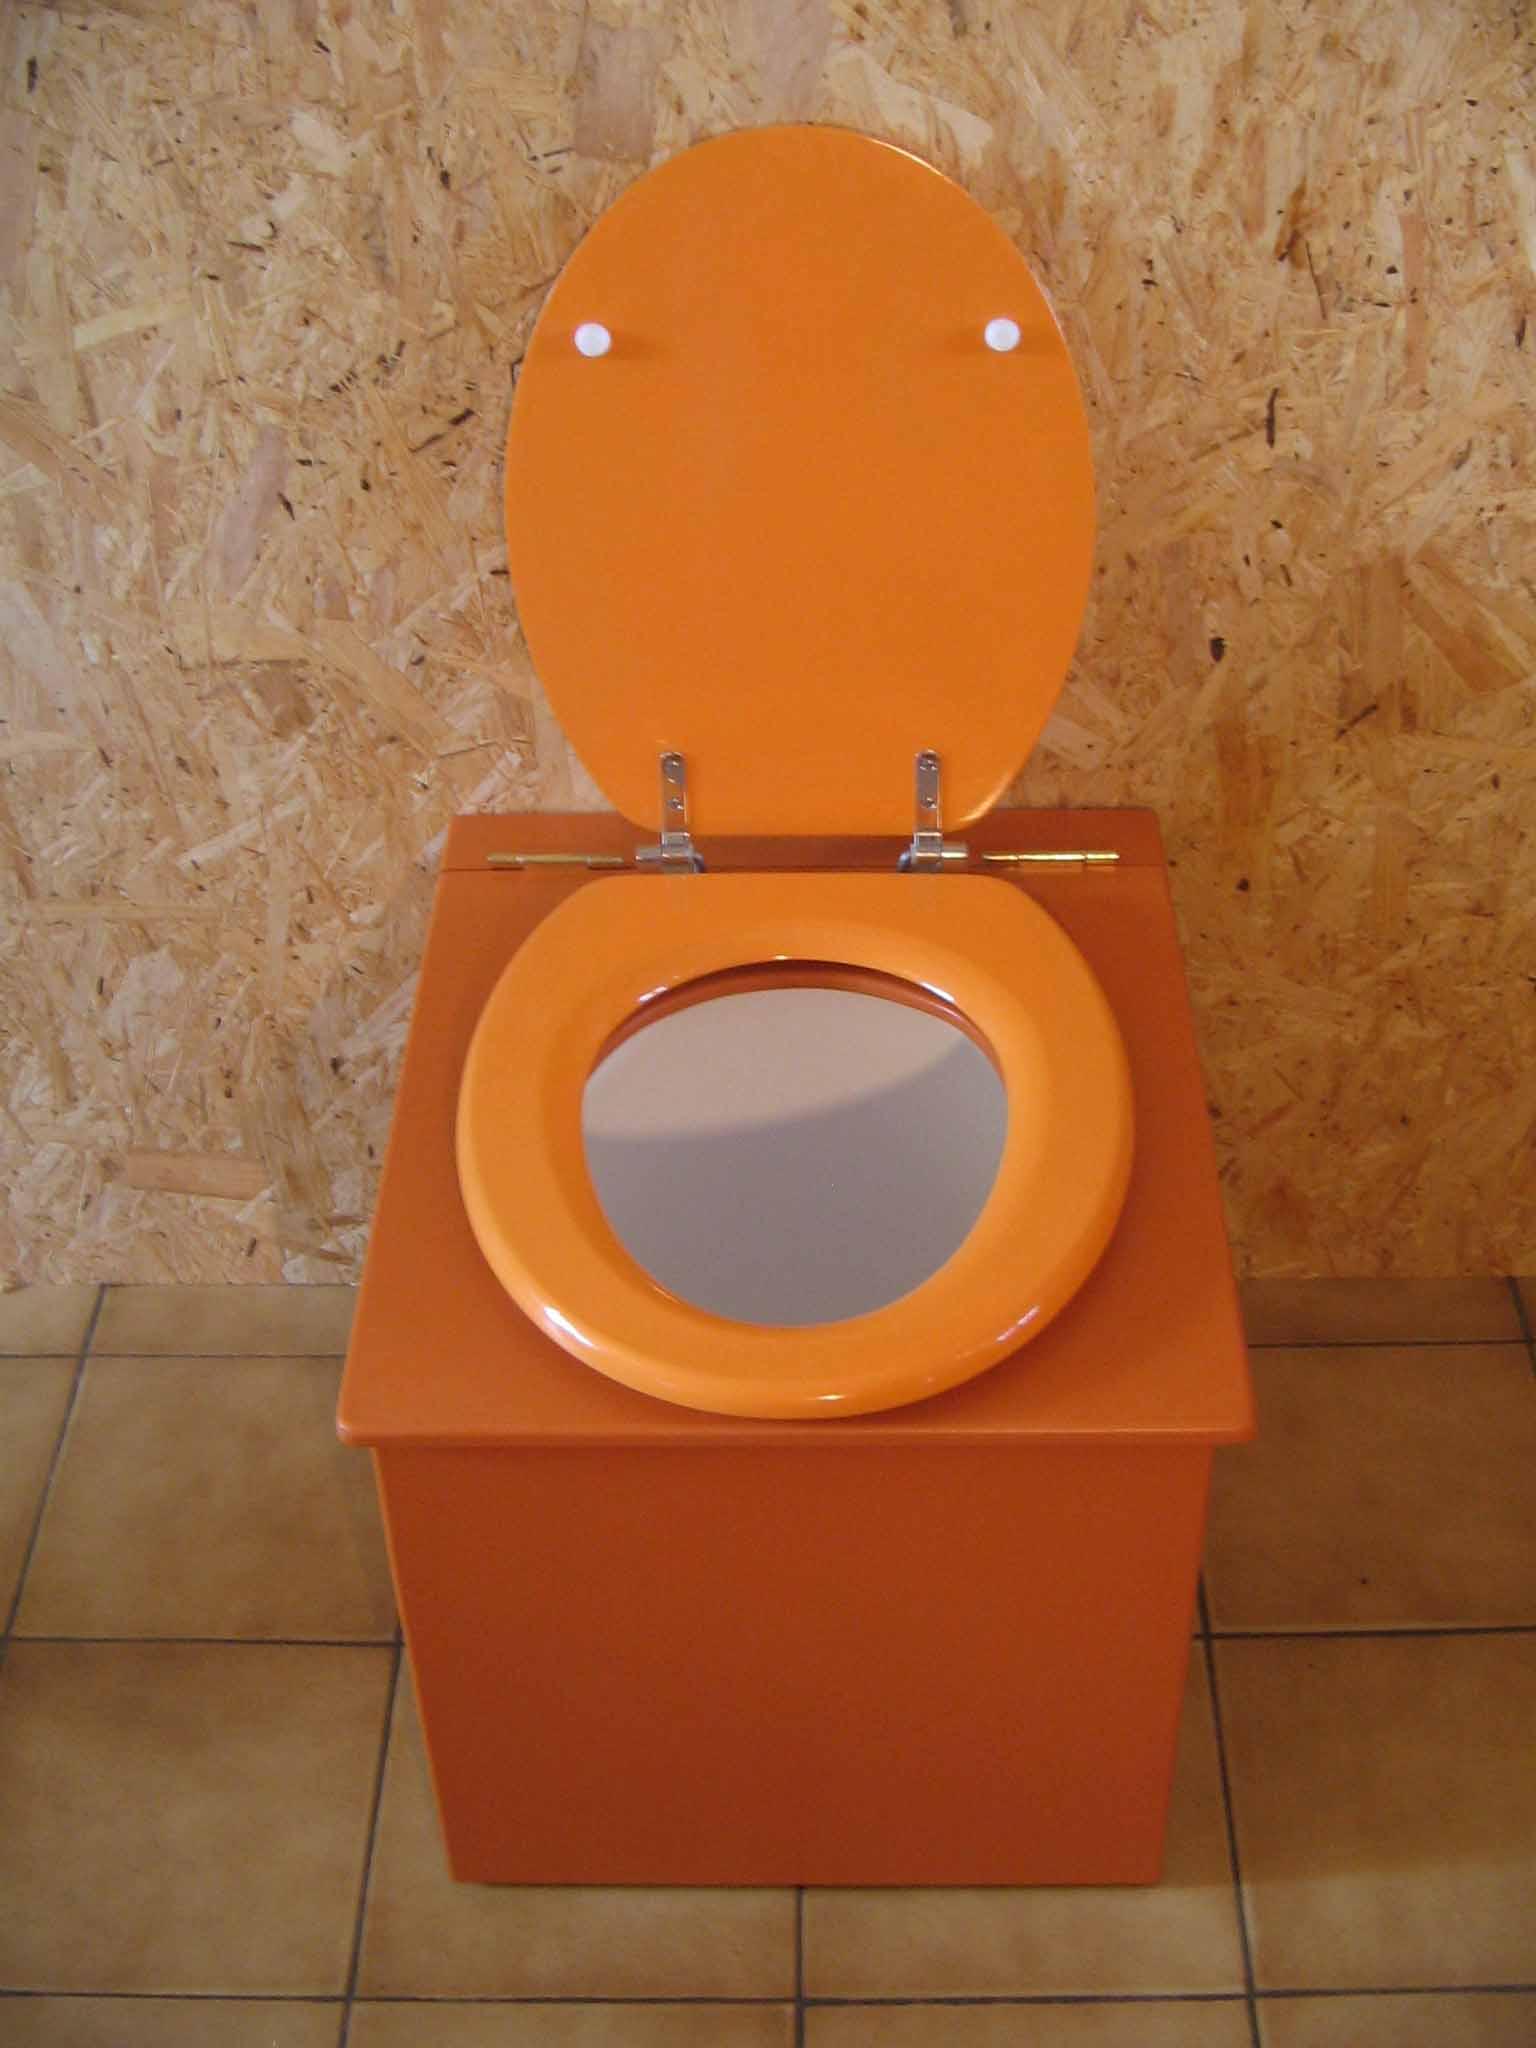 toilette sèche pas cher orange